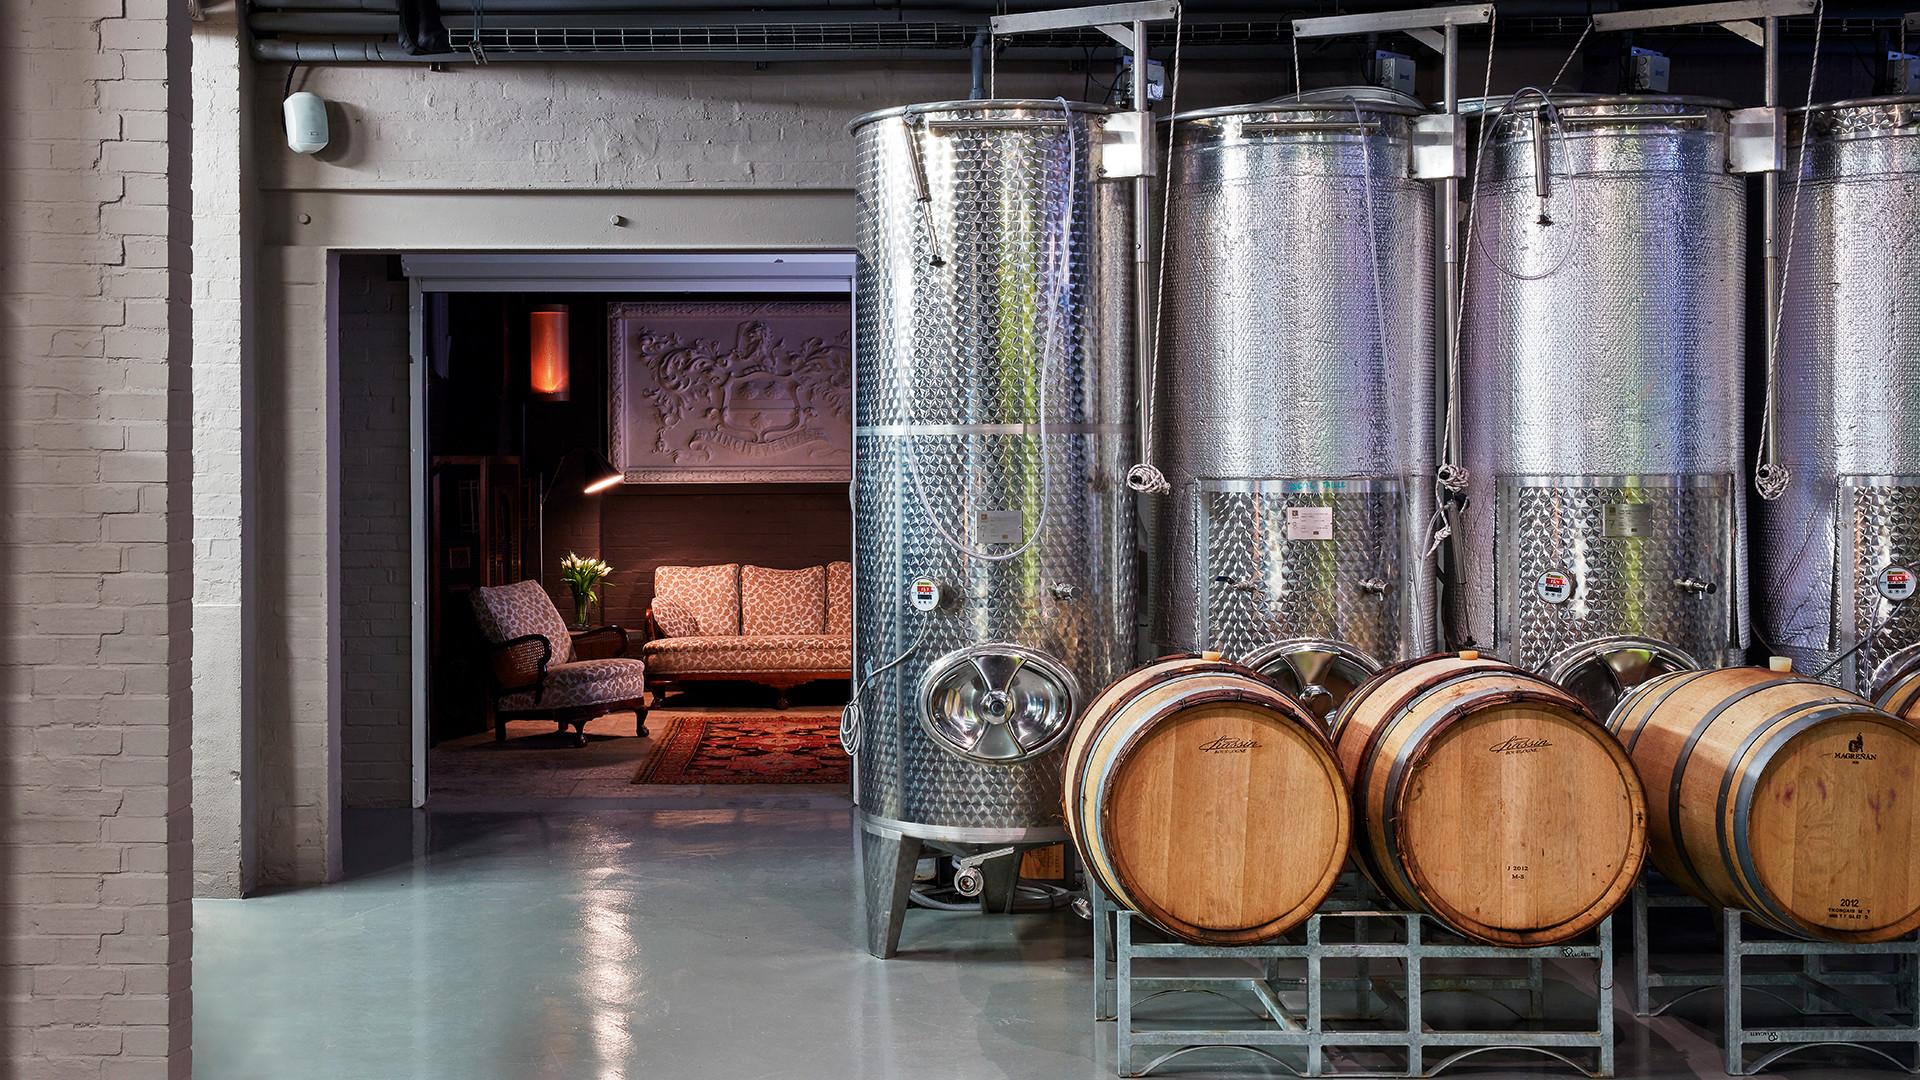 Inside London Cru, pioneers in urban winemaking.